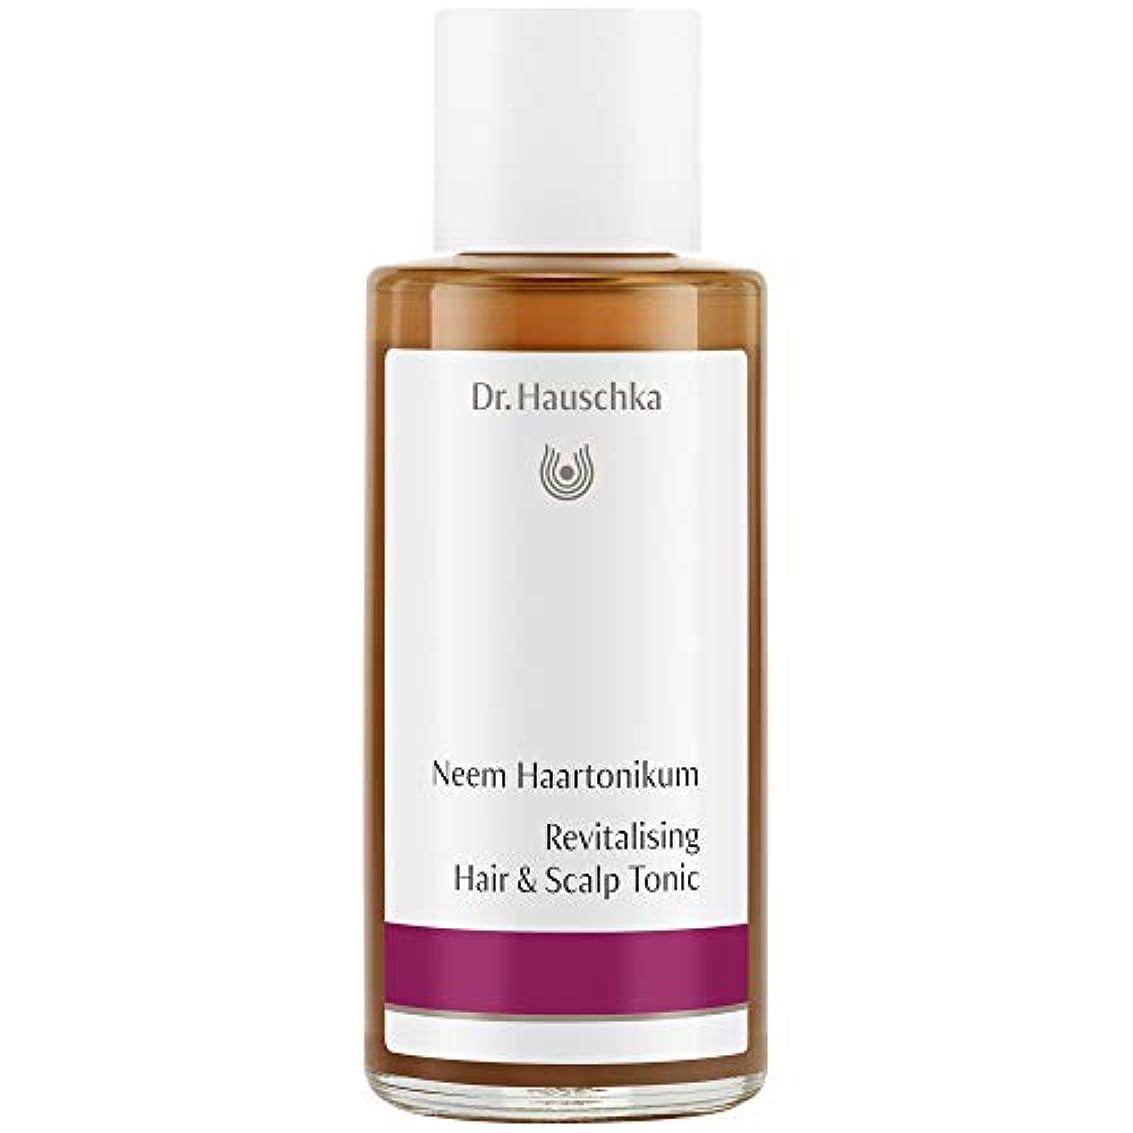 そしてふつう魔術師[Dr Hauschka] Drハウシュカニームヘアローション100ミリリットル - Dr Hauschka Neem Hair Lotion 100ml [並行輸入品]